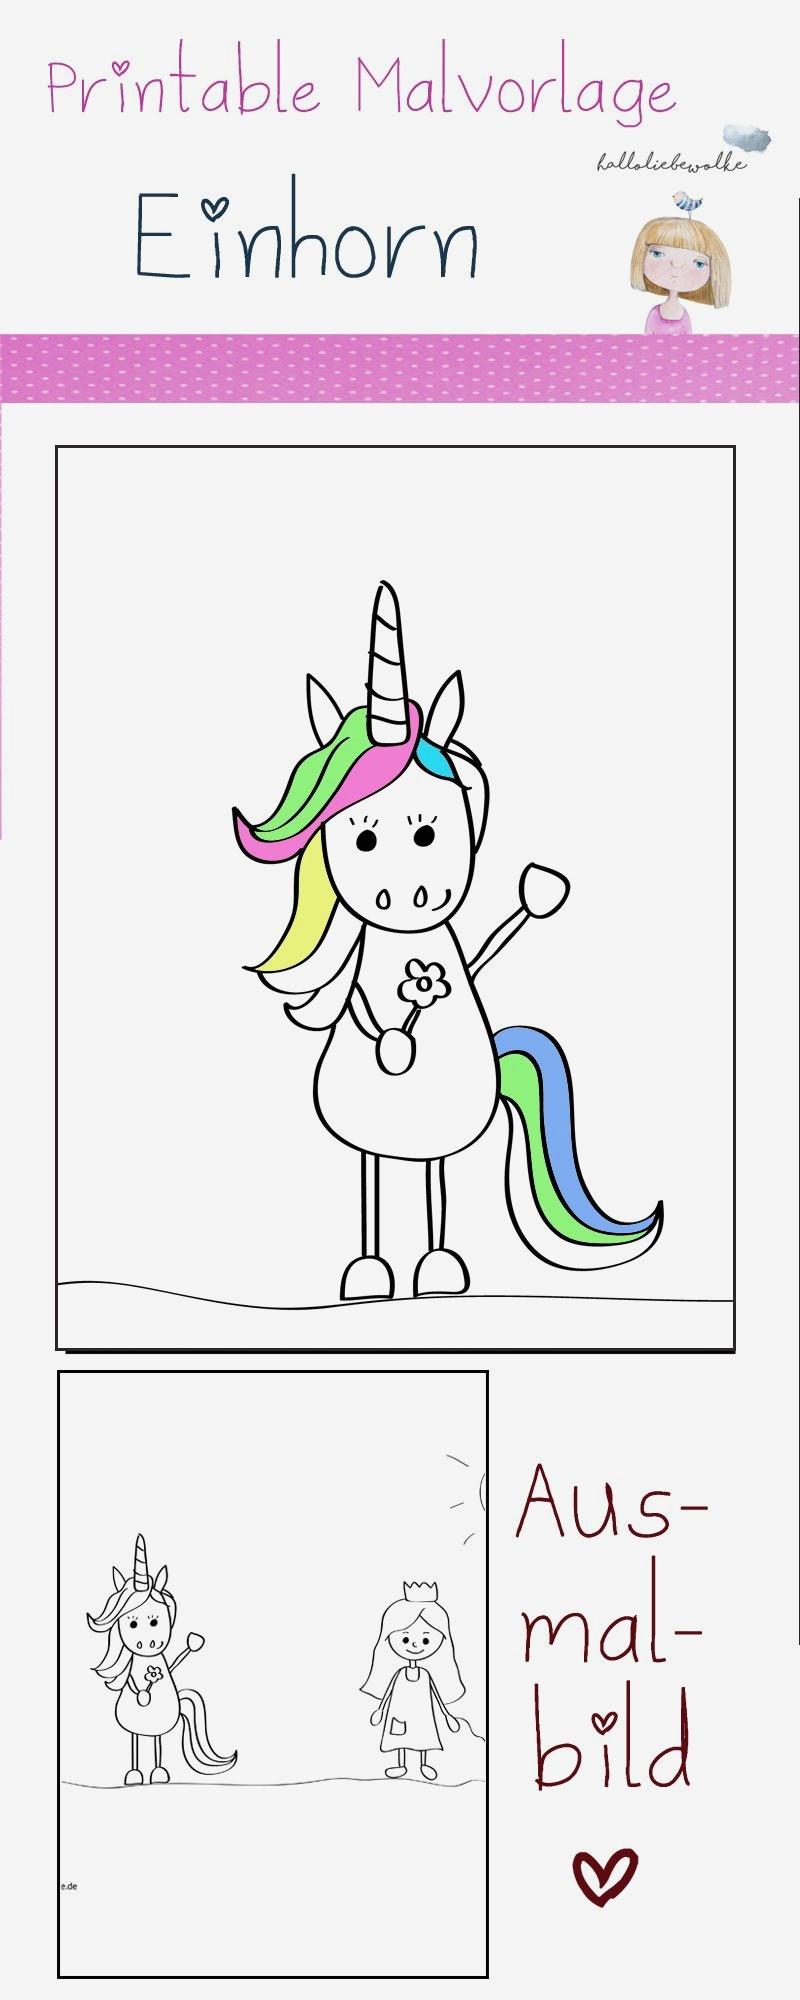 Prinzessin sofia Ausmalbilder Das Beste Von Malvorlage Prinzessin Mit Einhorn Eine Sammlung Von Färbung Bilder Das Bild